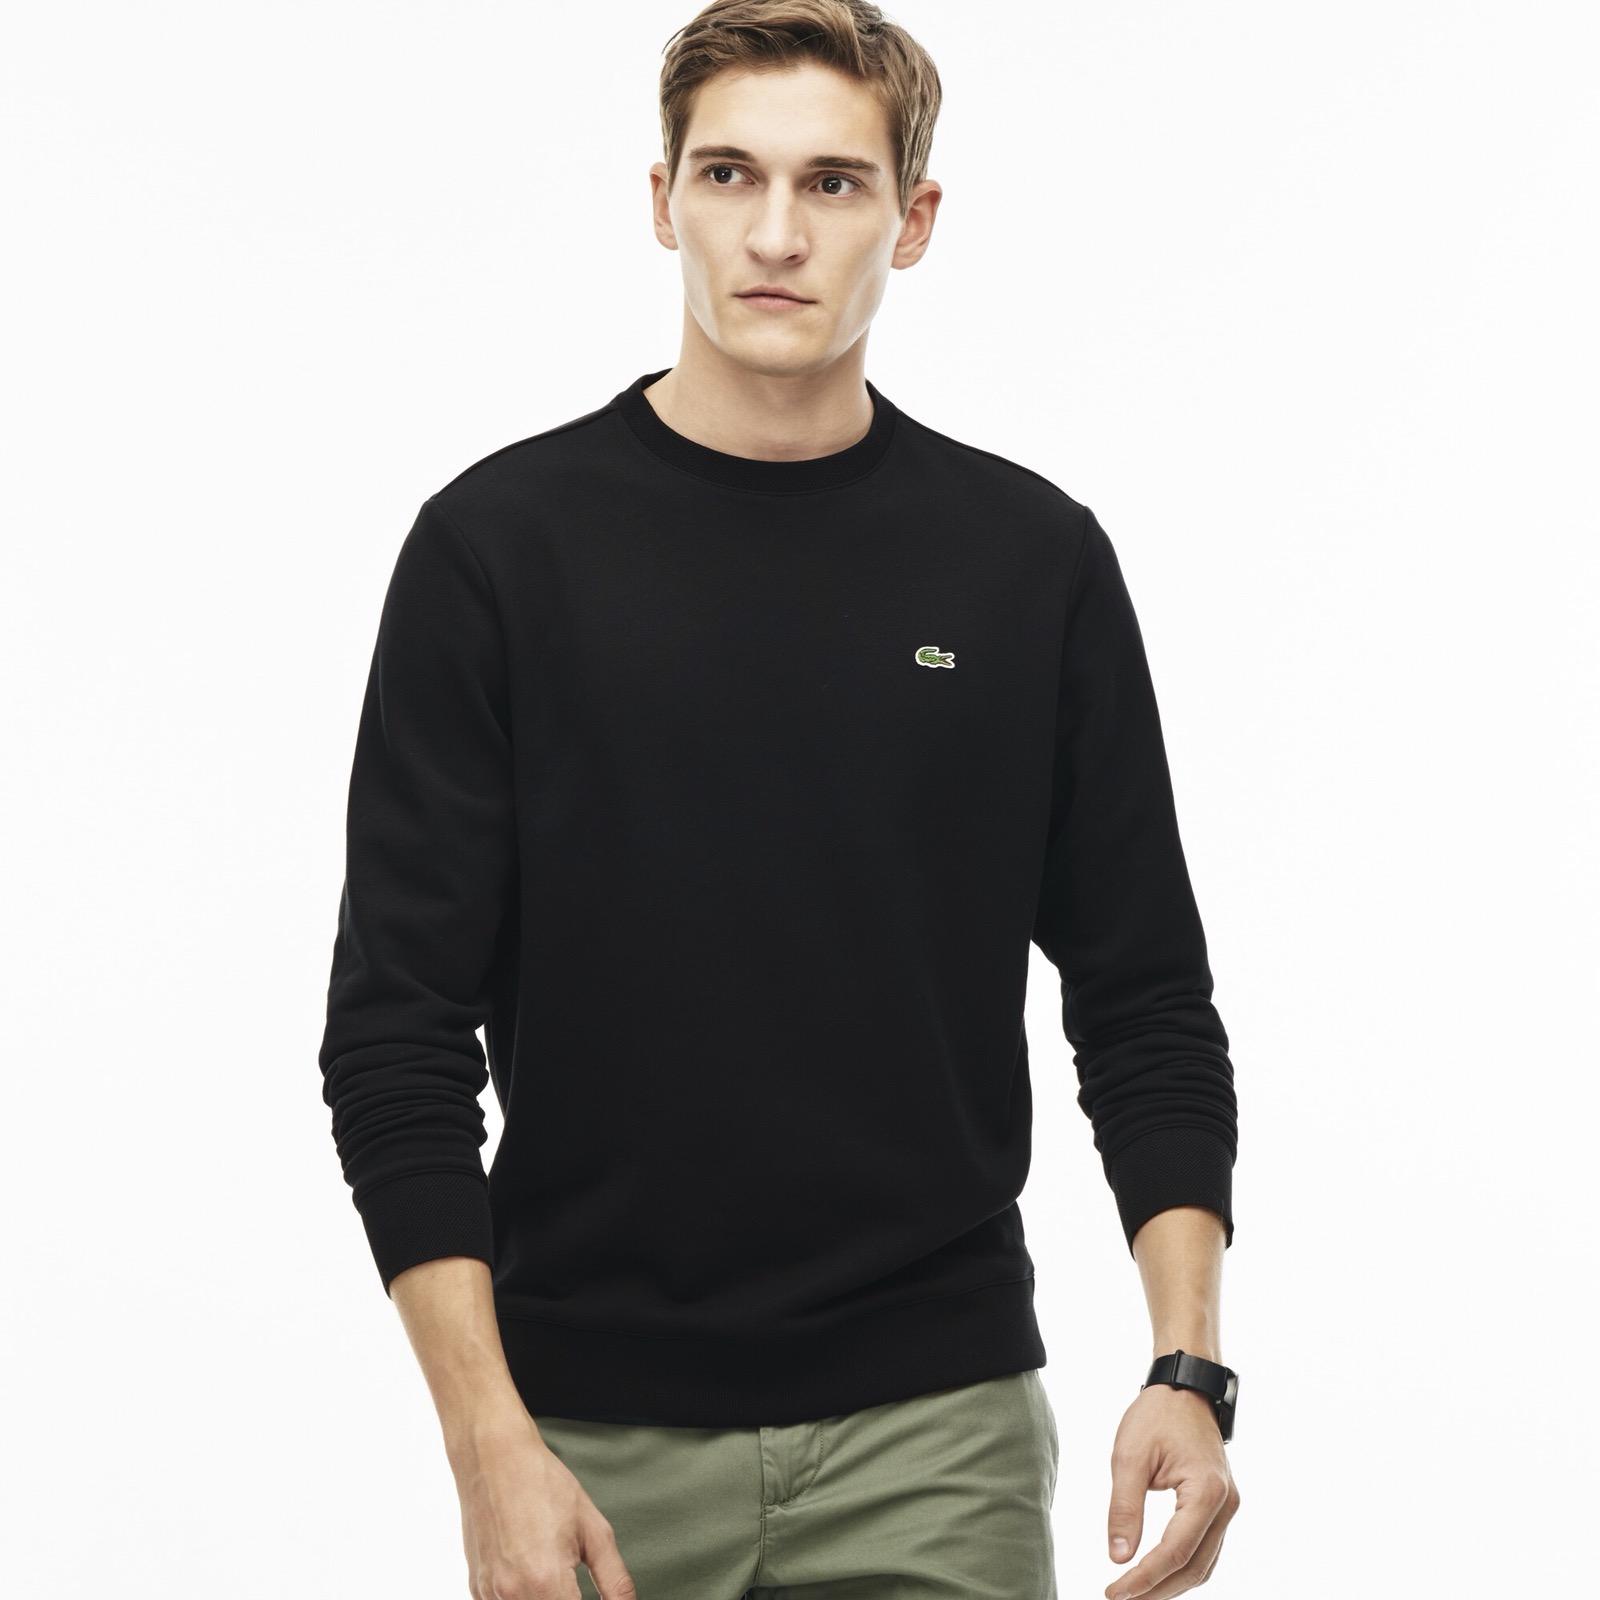 b599c0fce1af Lacoste Men Lacoste Sweater Size l - Sweaters   Knitwear for Sale ...